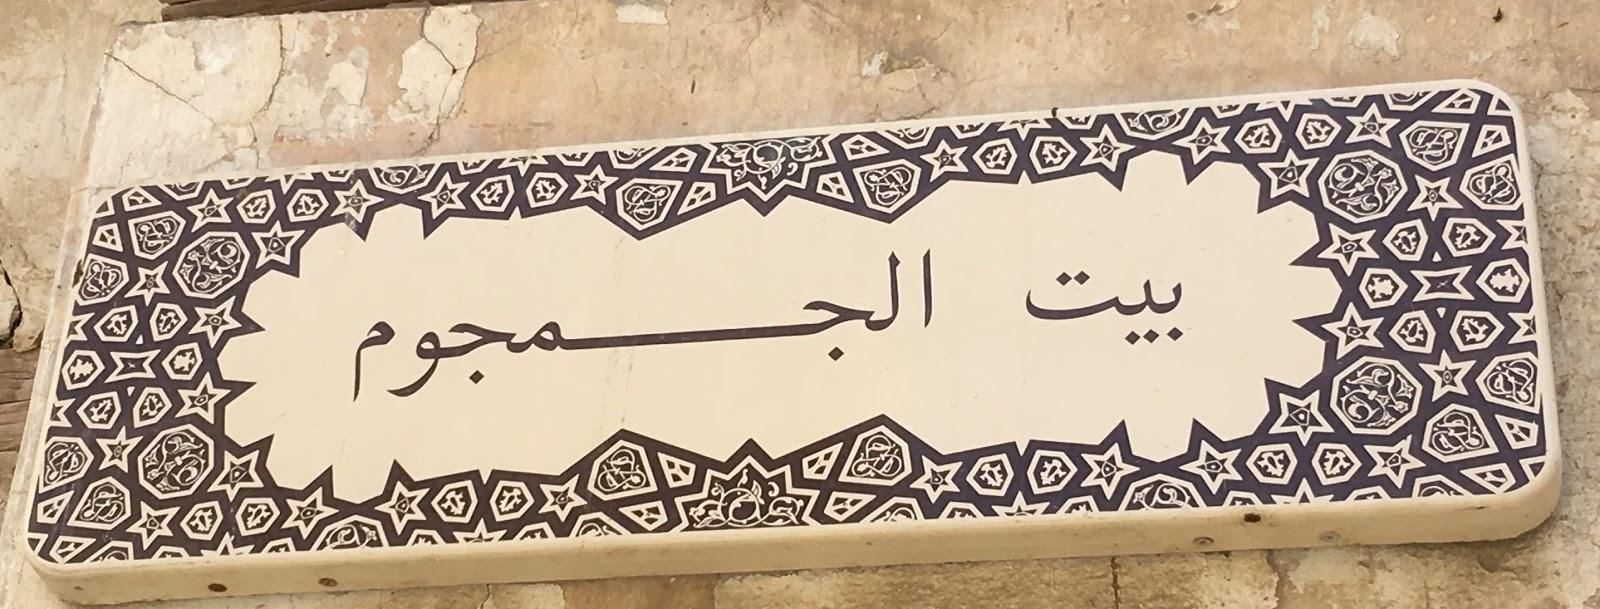 Ersatz Expat: Al Balad